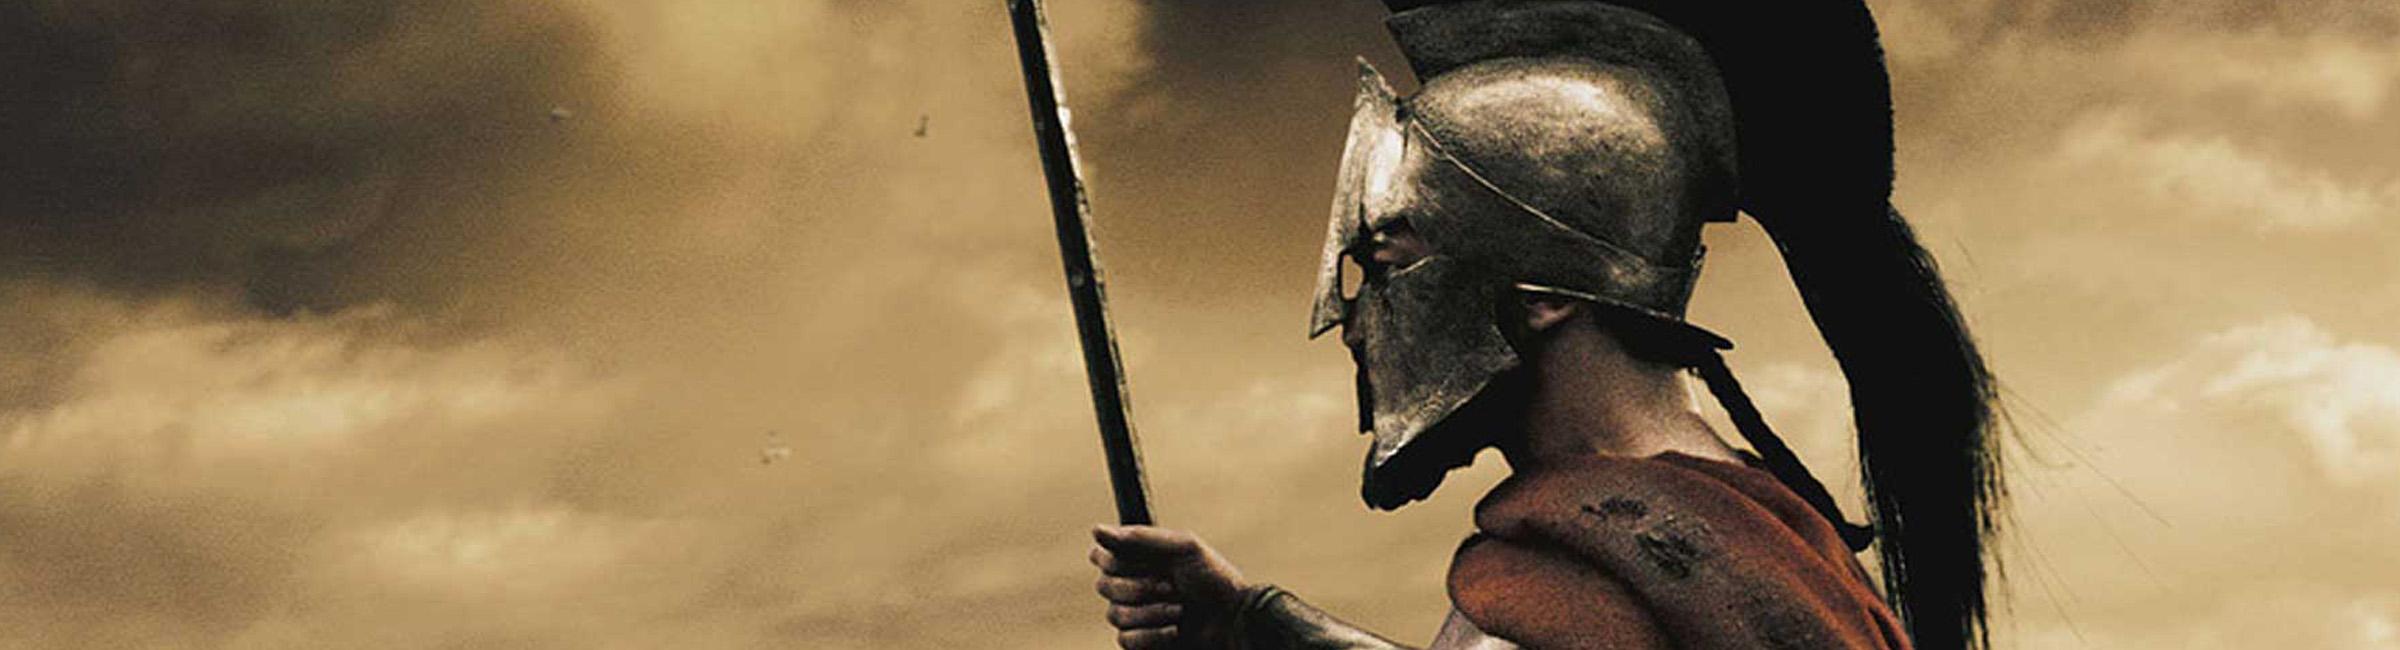 Origen e instituciones de Esparta, los míticos guerreros griegos.